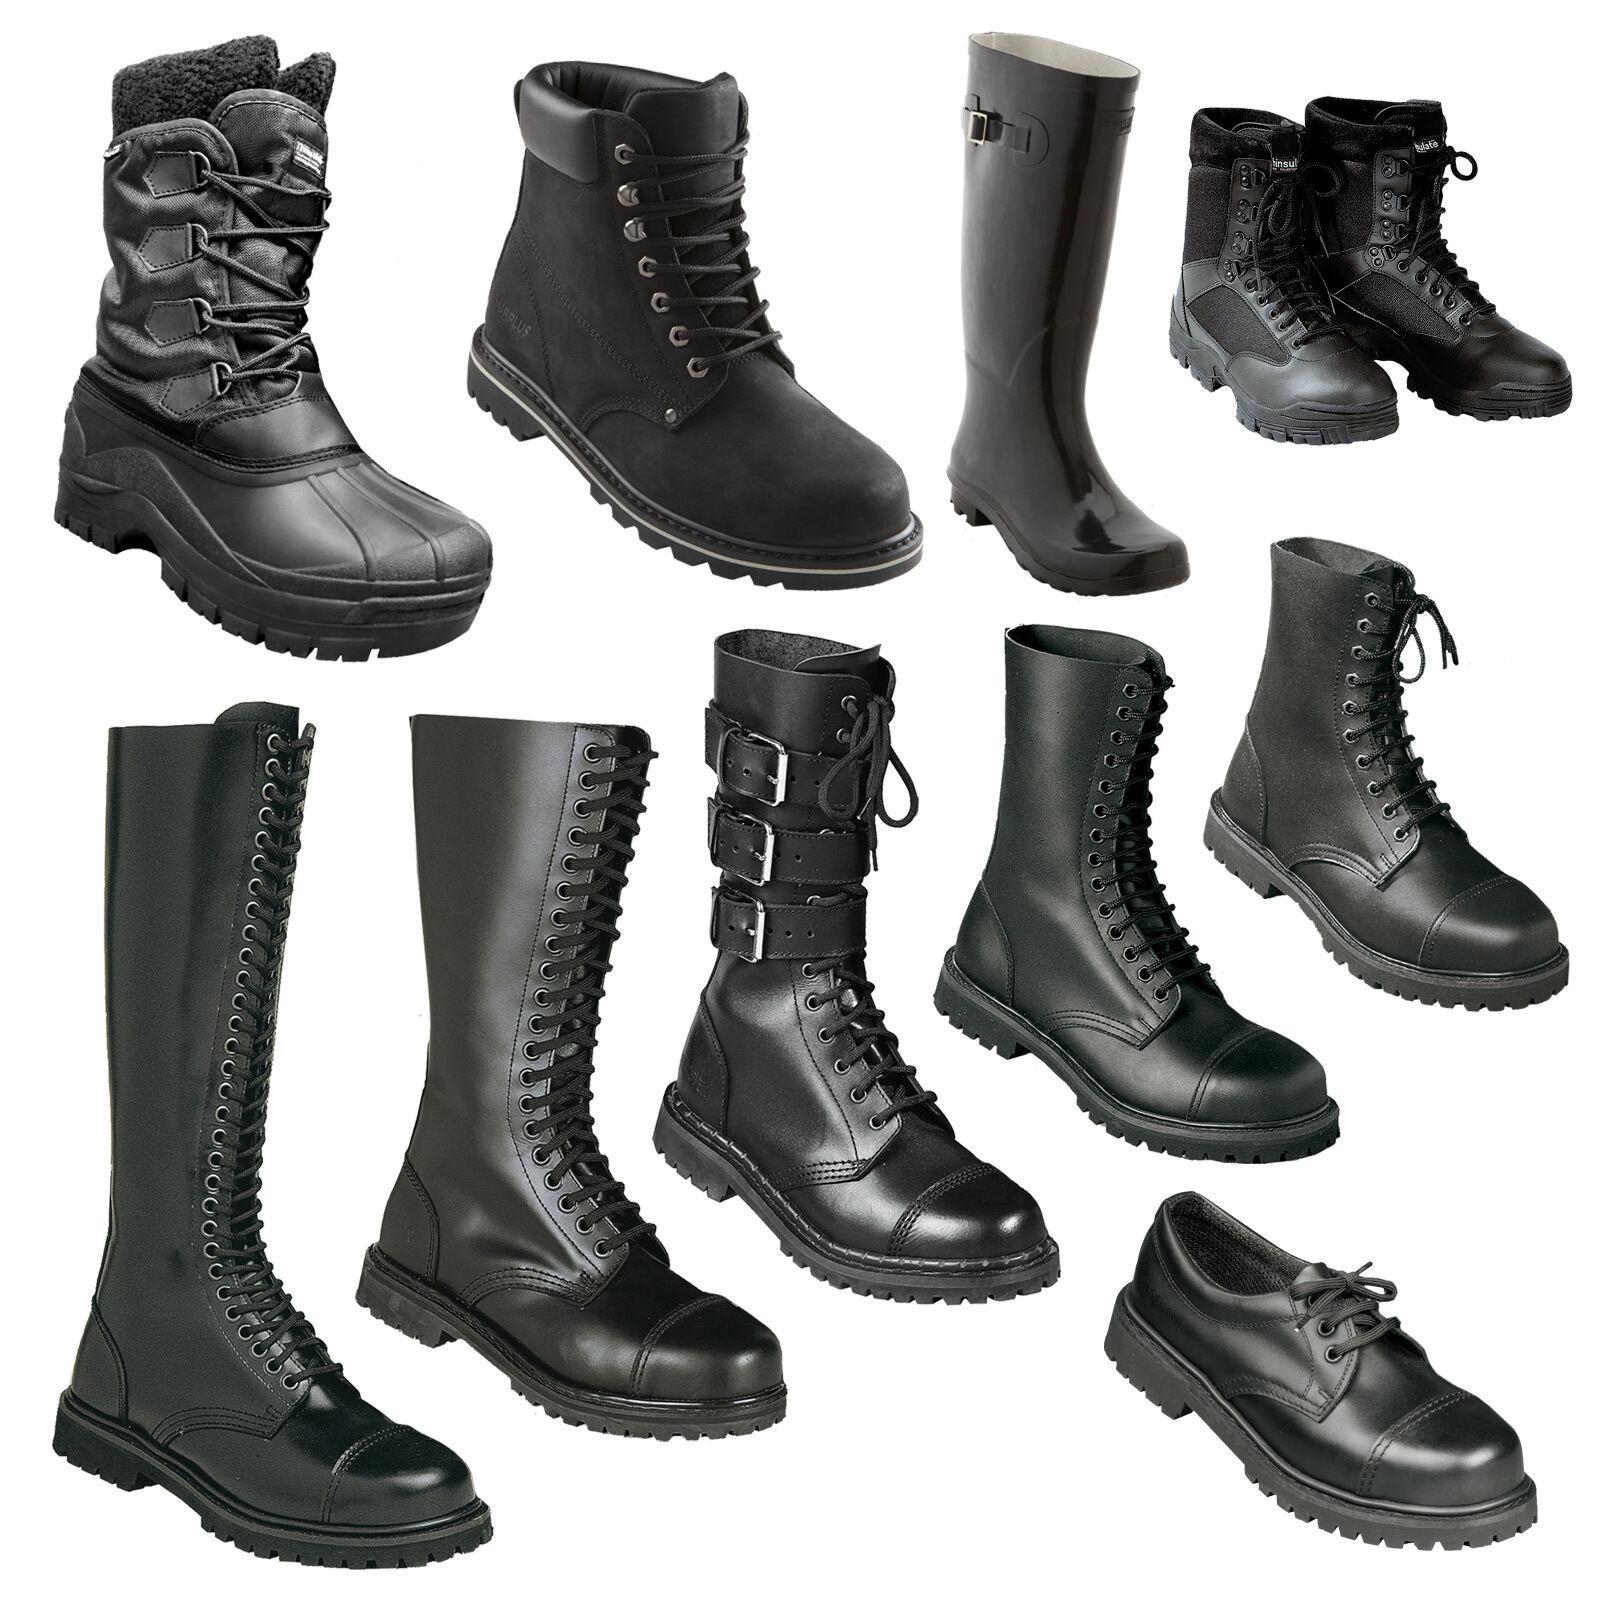 prezzo più economico Surplus undercover rangers scarpe stivali anfibi punk rock rock rock motociclista  godendo i tuoi acquisti